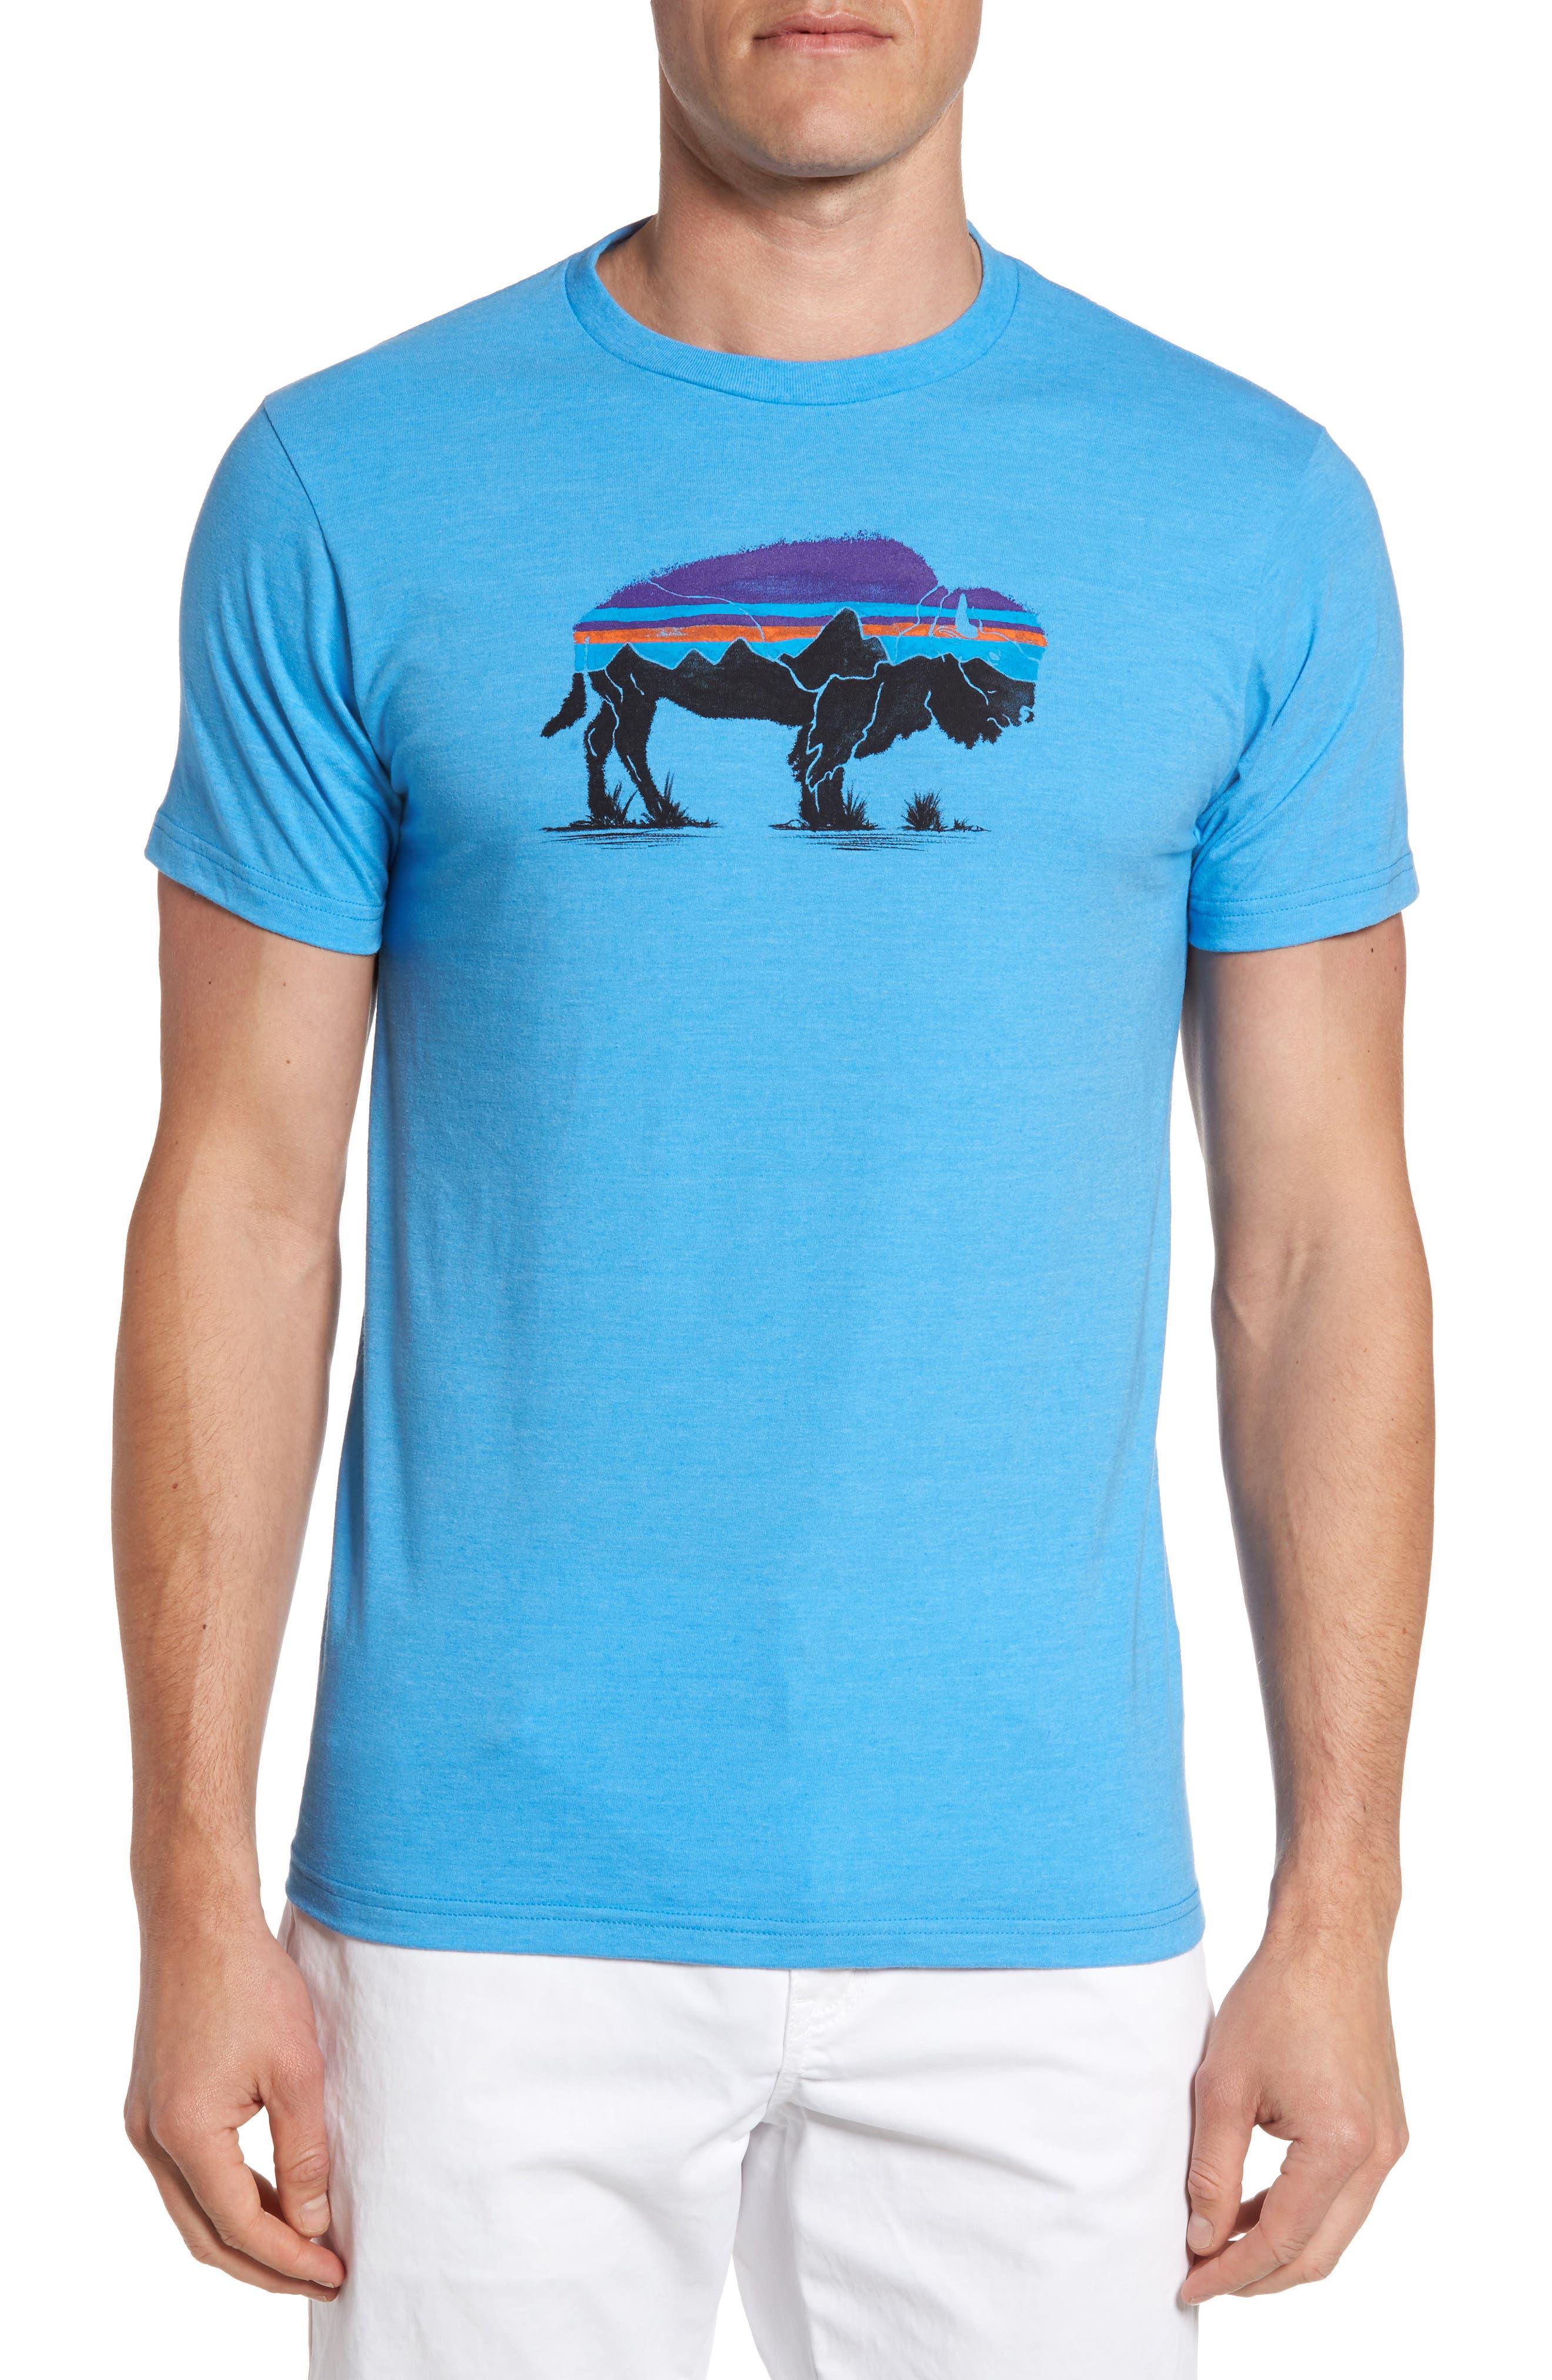 Patagonia Fitz Roy Bison T-Shirt